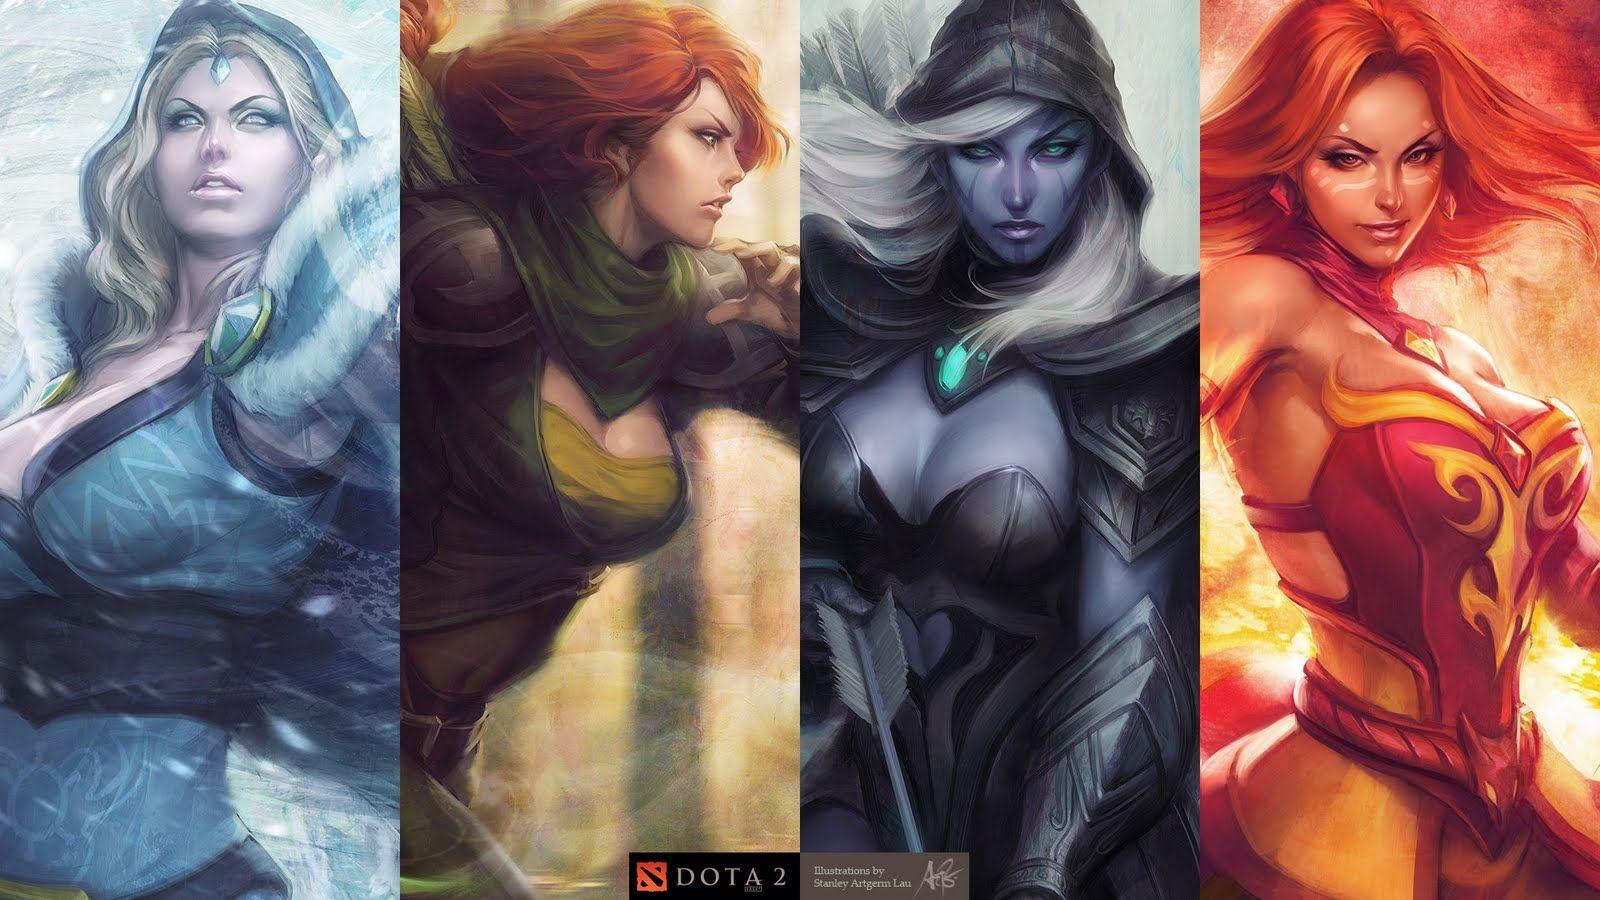 Hasil gambar untuk hero dota 2 women